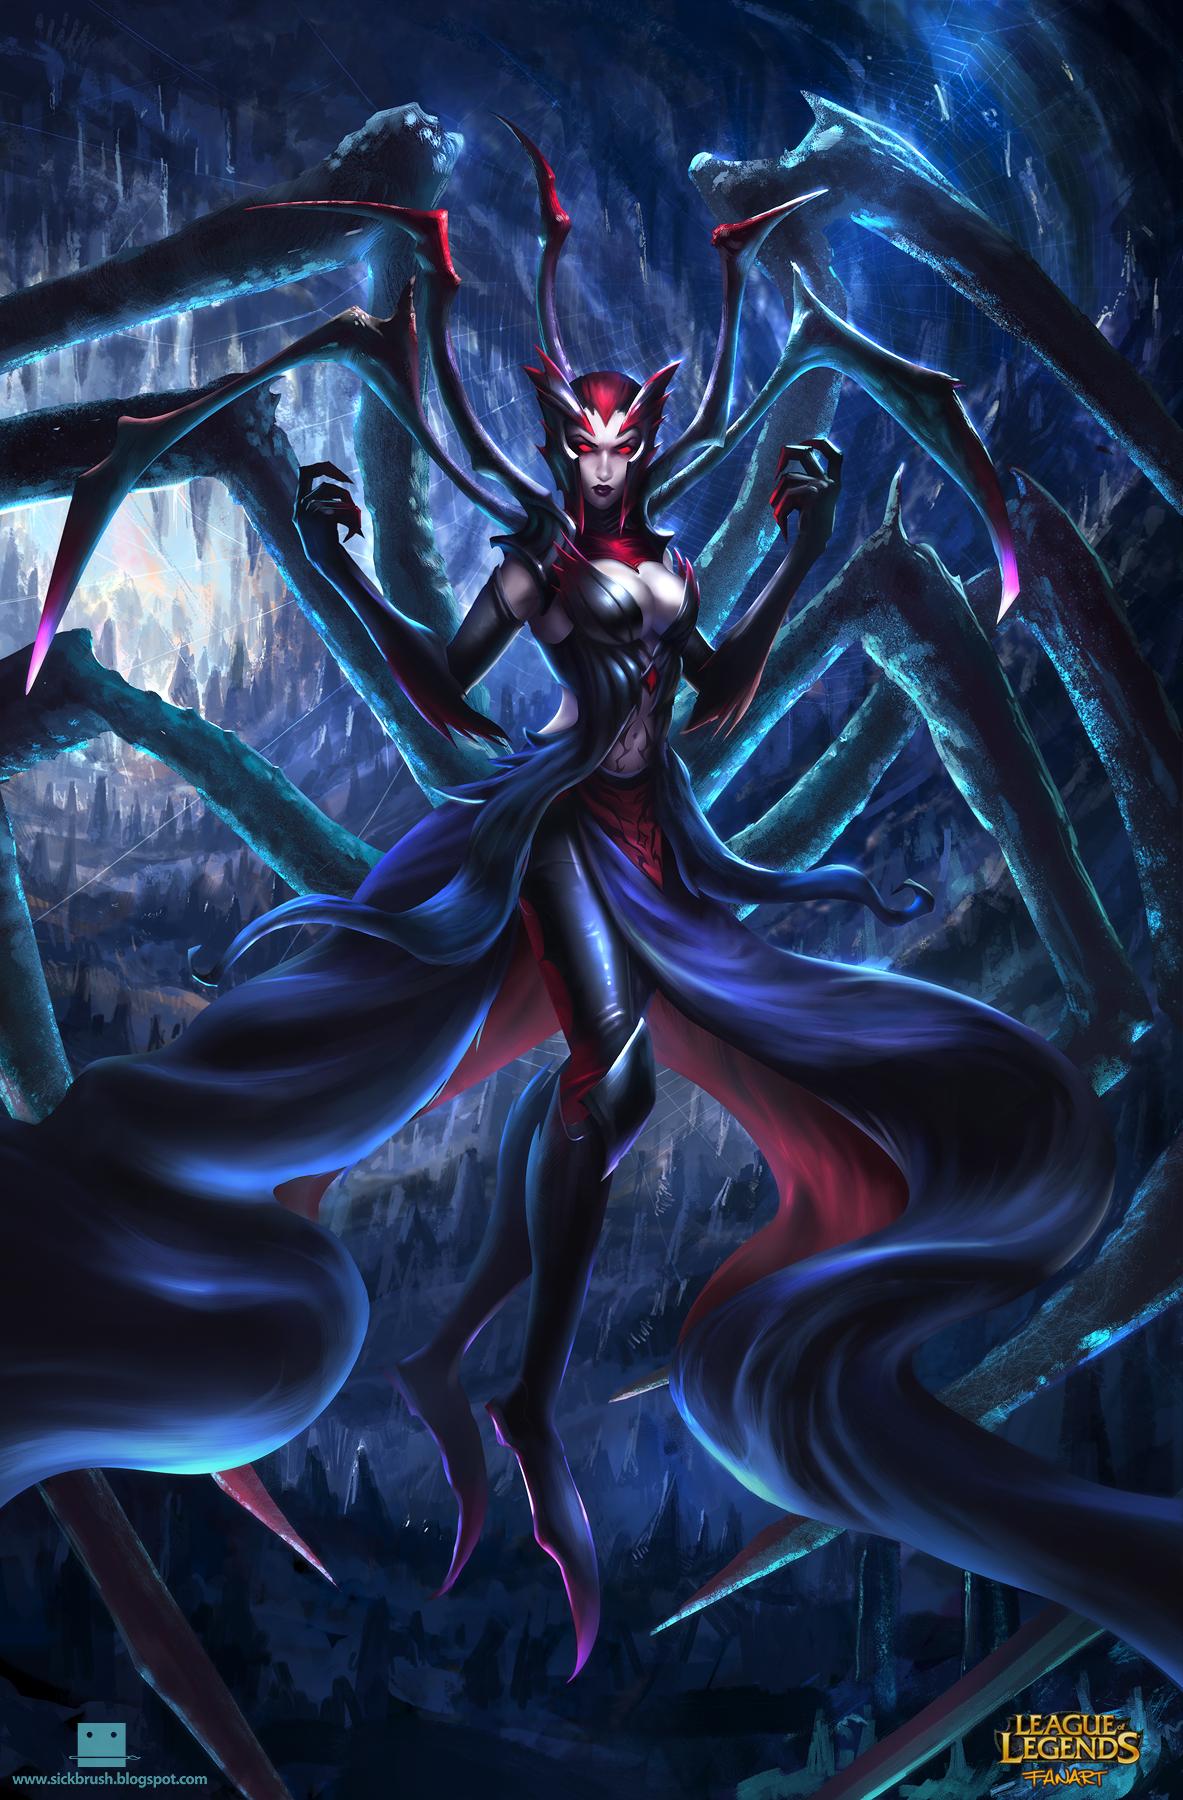 League Of Legends Elise Fanart By Sickbrush On Deviantart Lol League Of Legends League Of Legends Fan Art